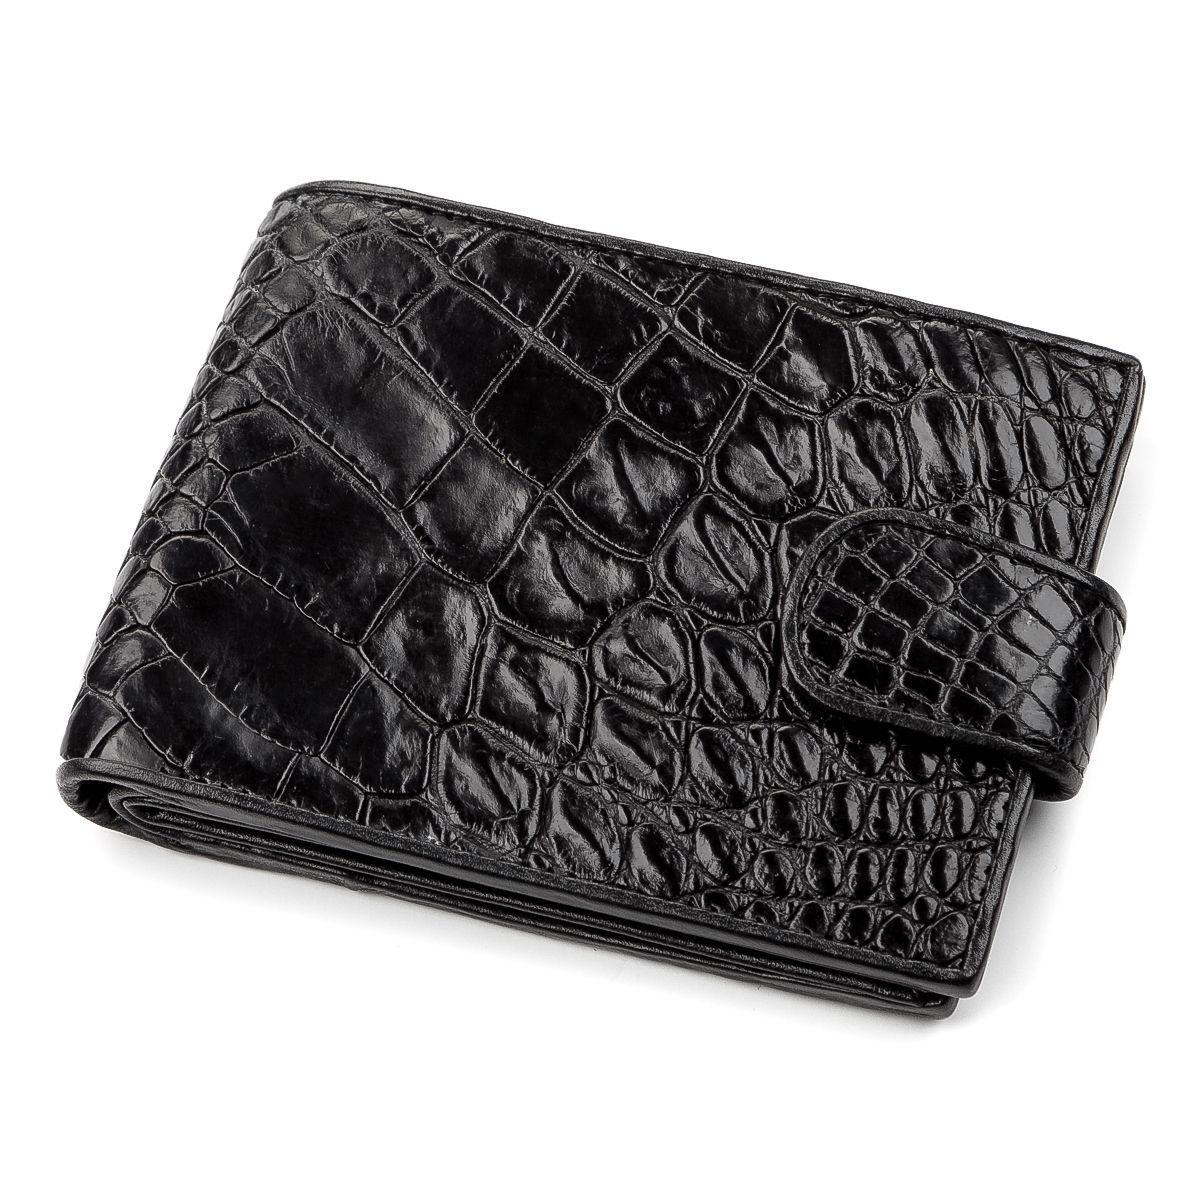 Кошелек Crocodile Leather 18209 Из Натуральной Кожи Крокодила Черный, Черный